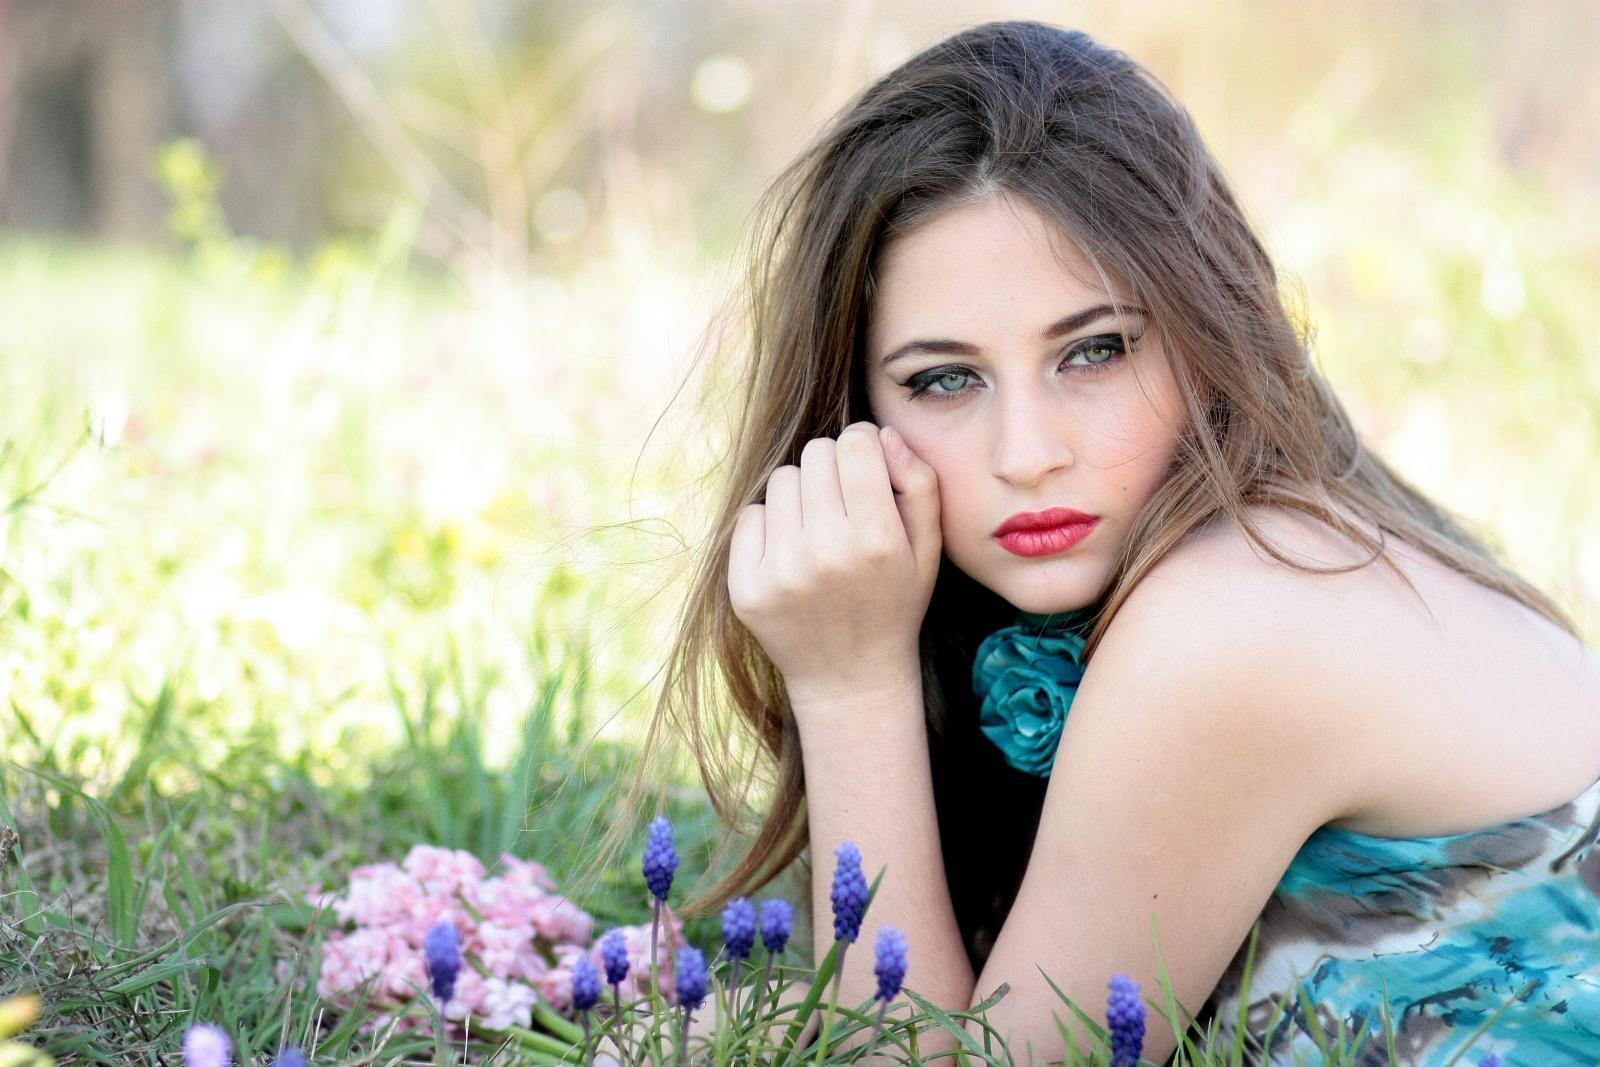 Katie Charles